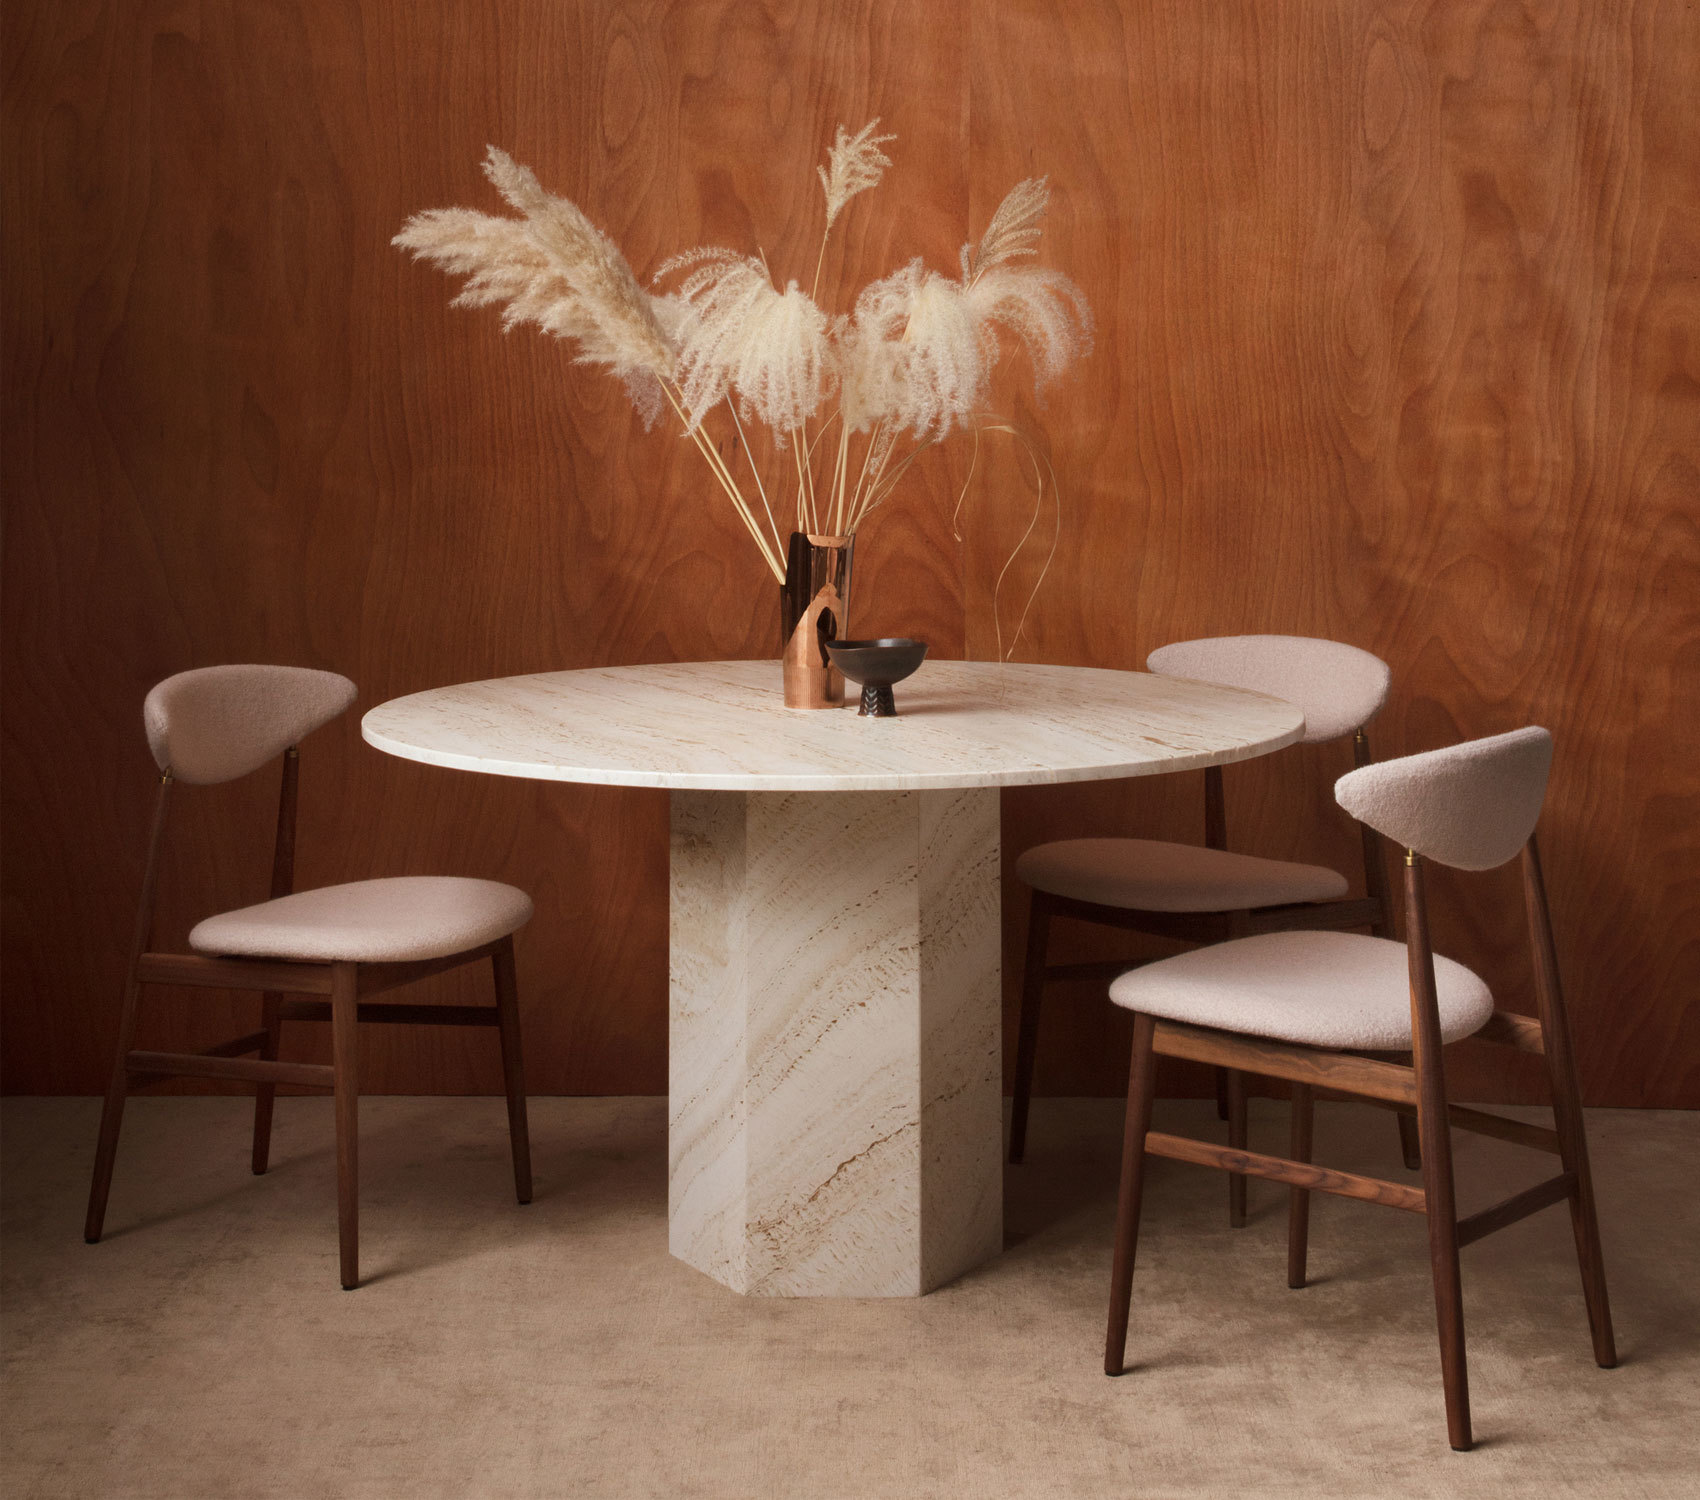 Gent Dining Chair (2018) undEpic Dining Table (2020) von GamFratesi für Gubi. Foto: Gubi